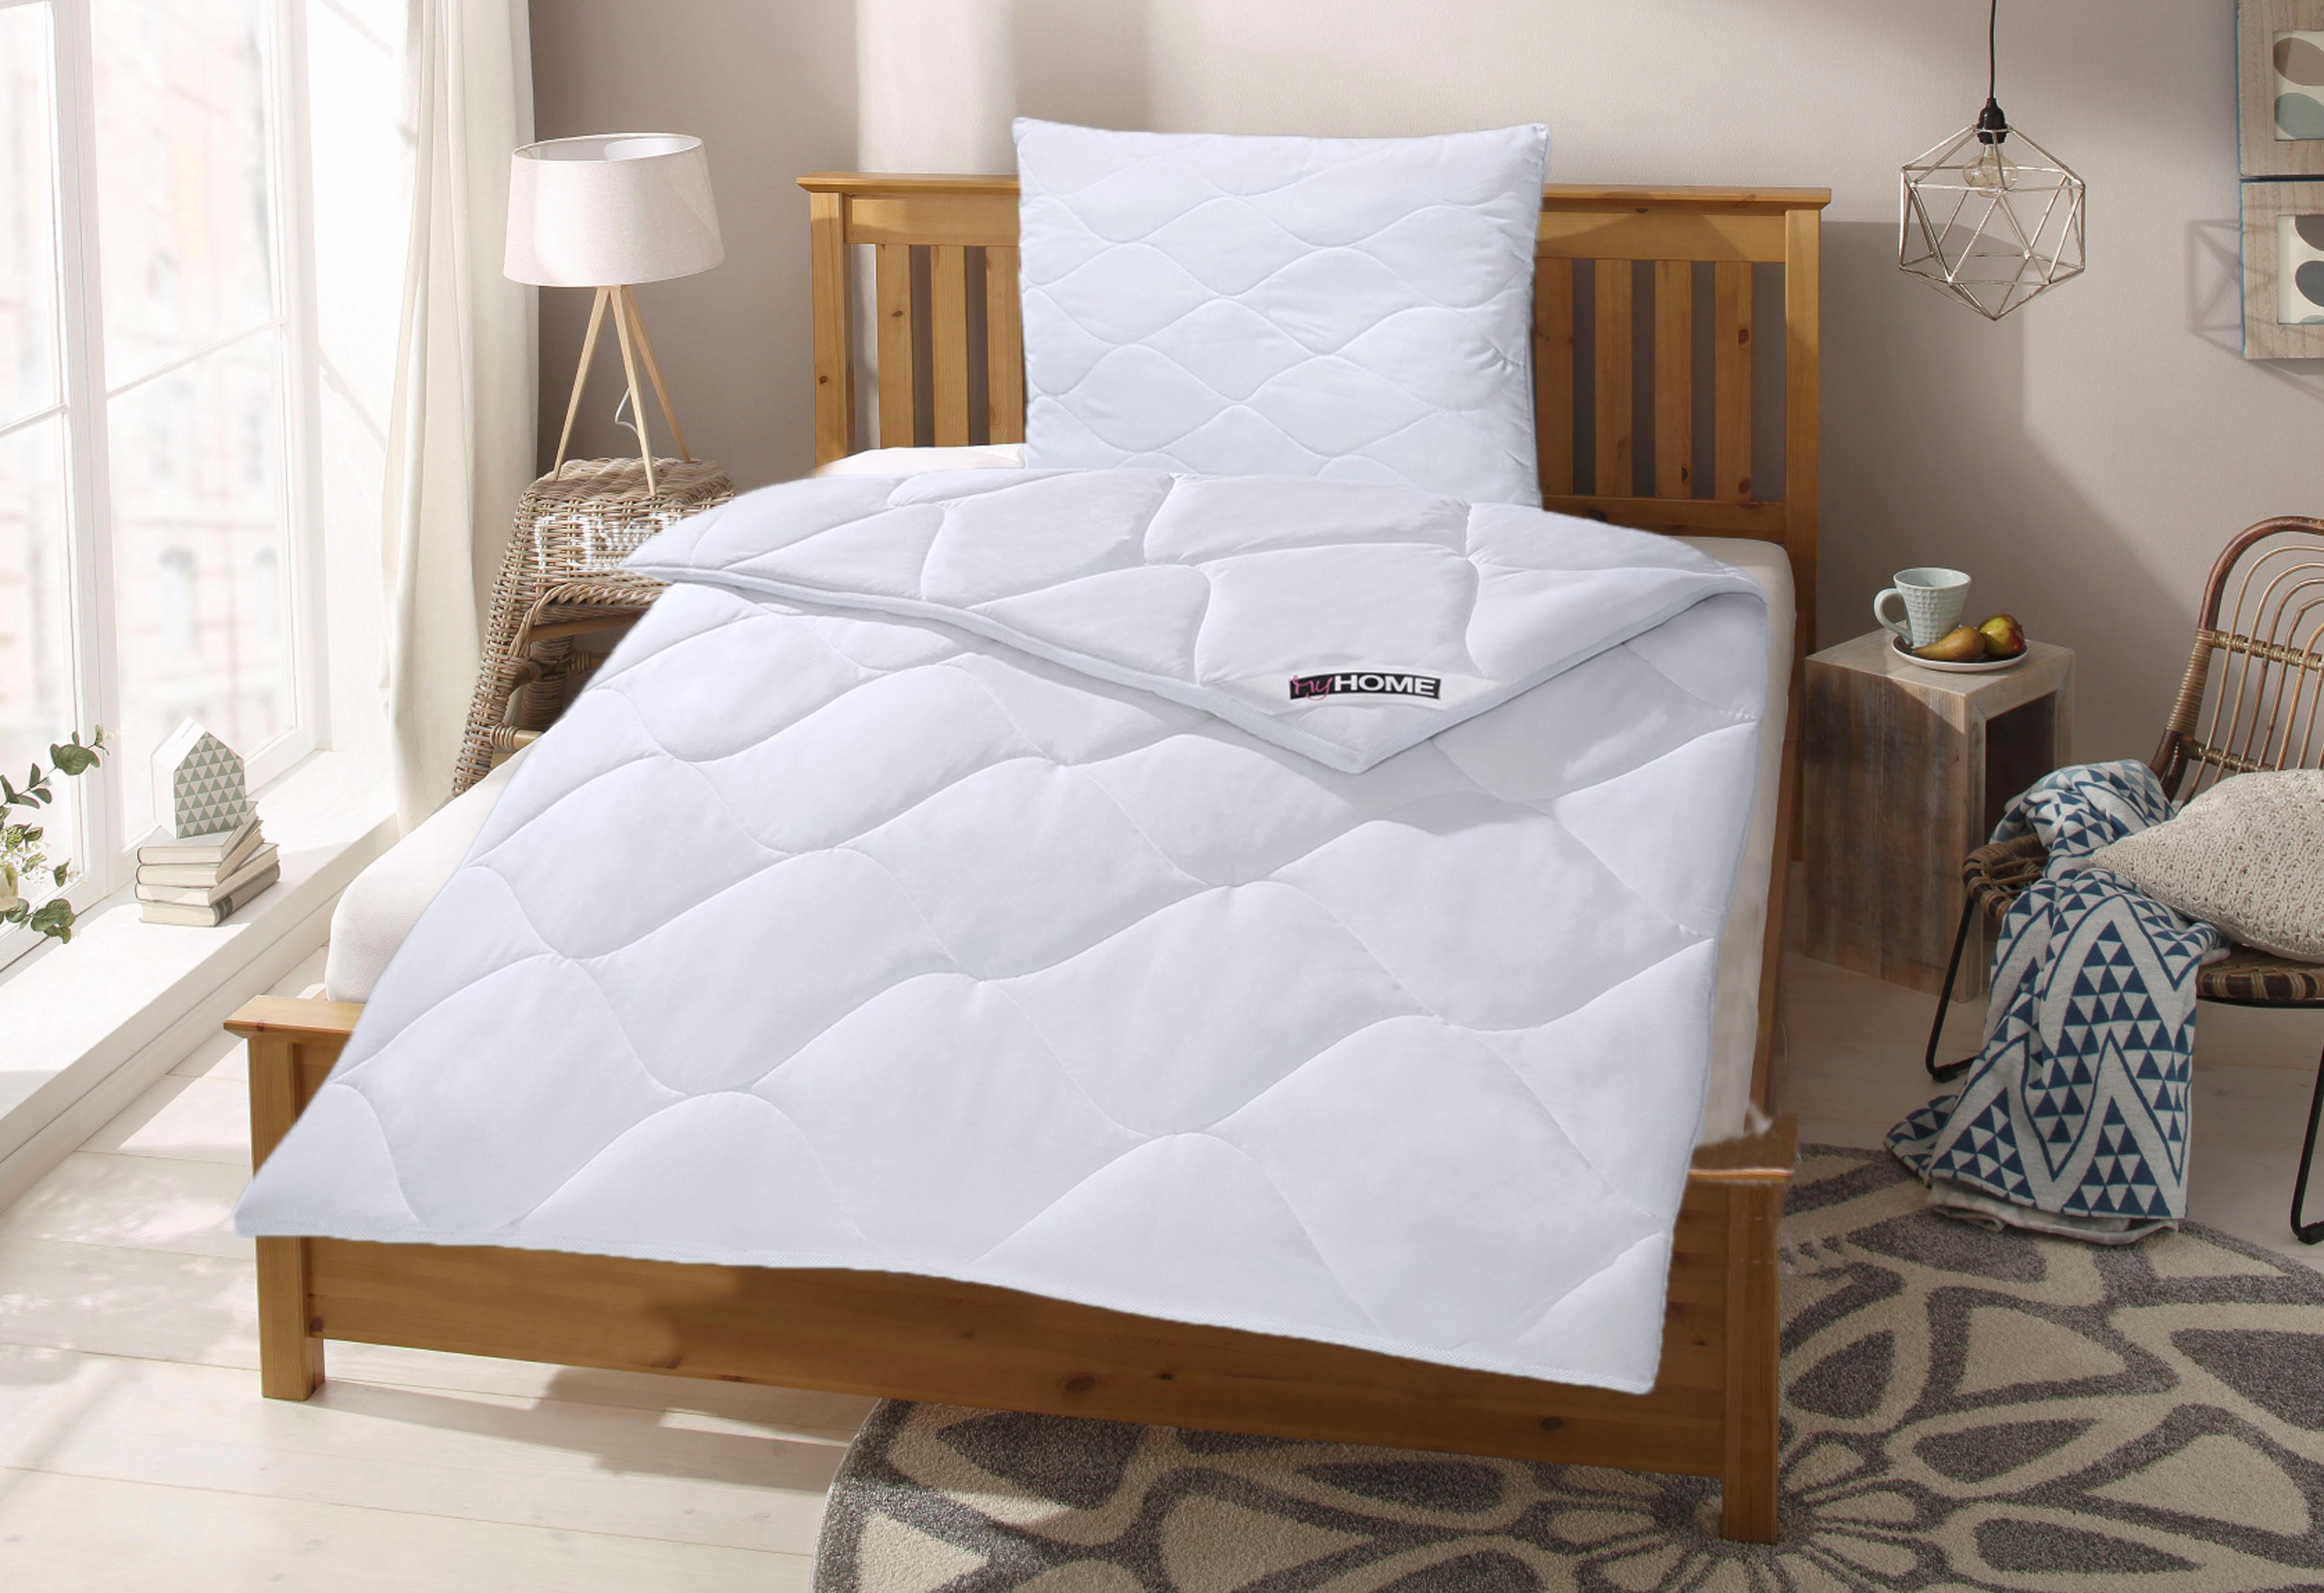 Bettdecke + Kopfkissen Schlafkomfort mit Cotton Made in Africa my home warm (Set)